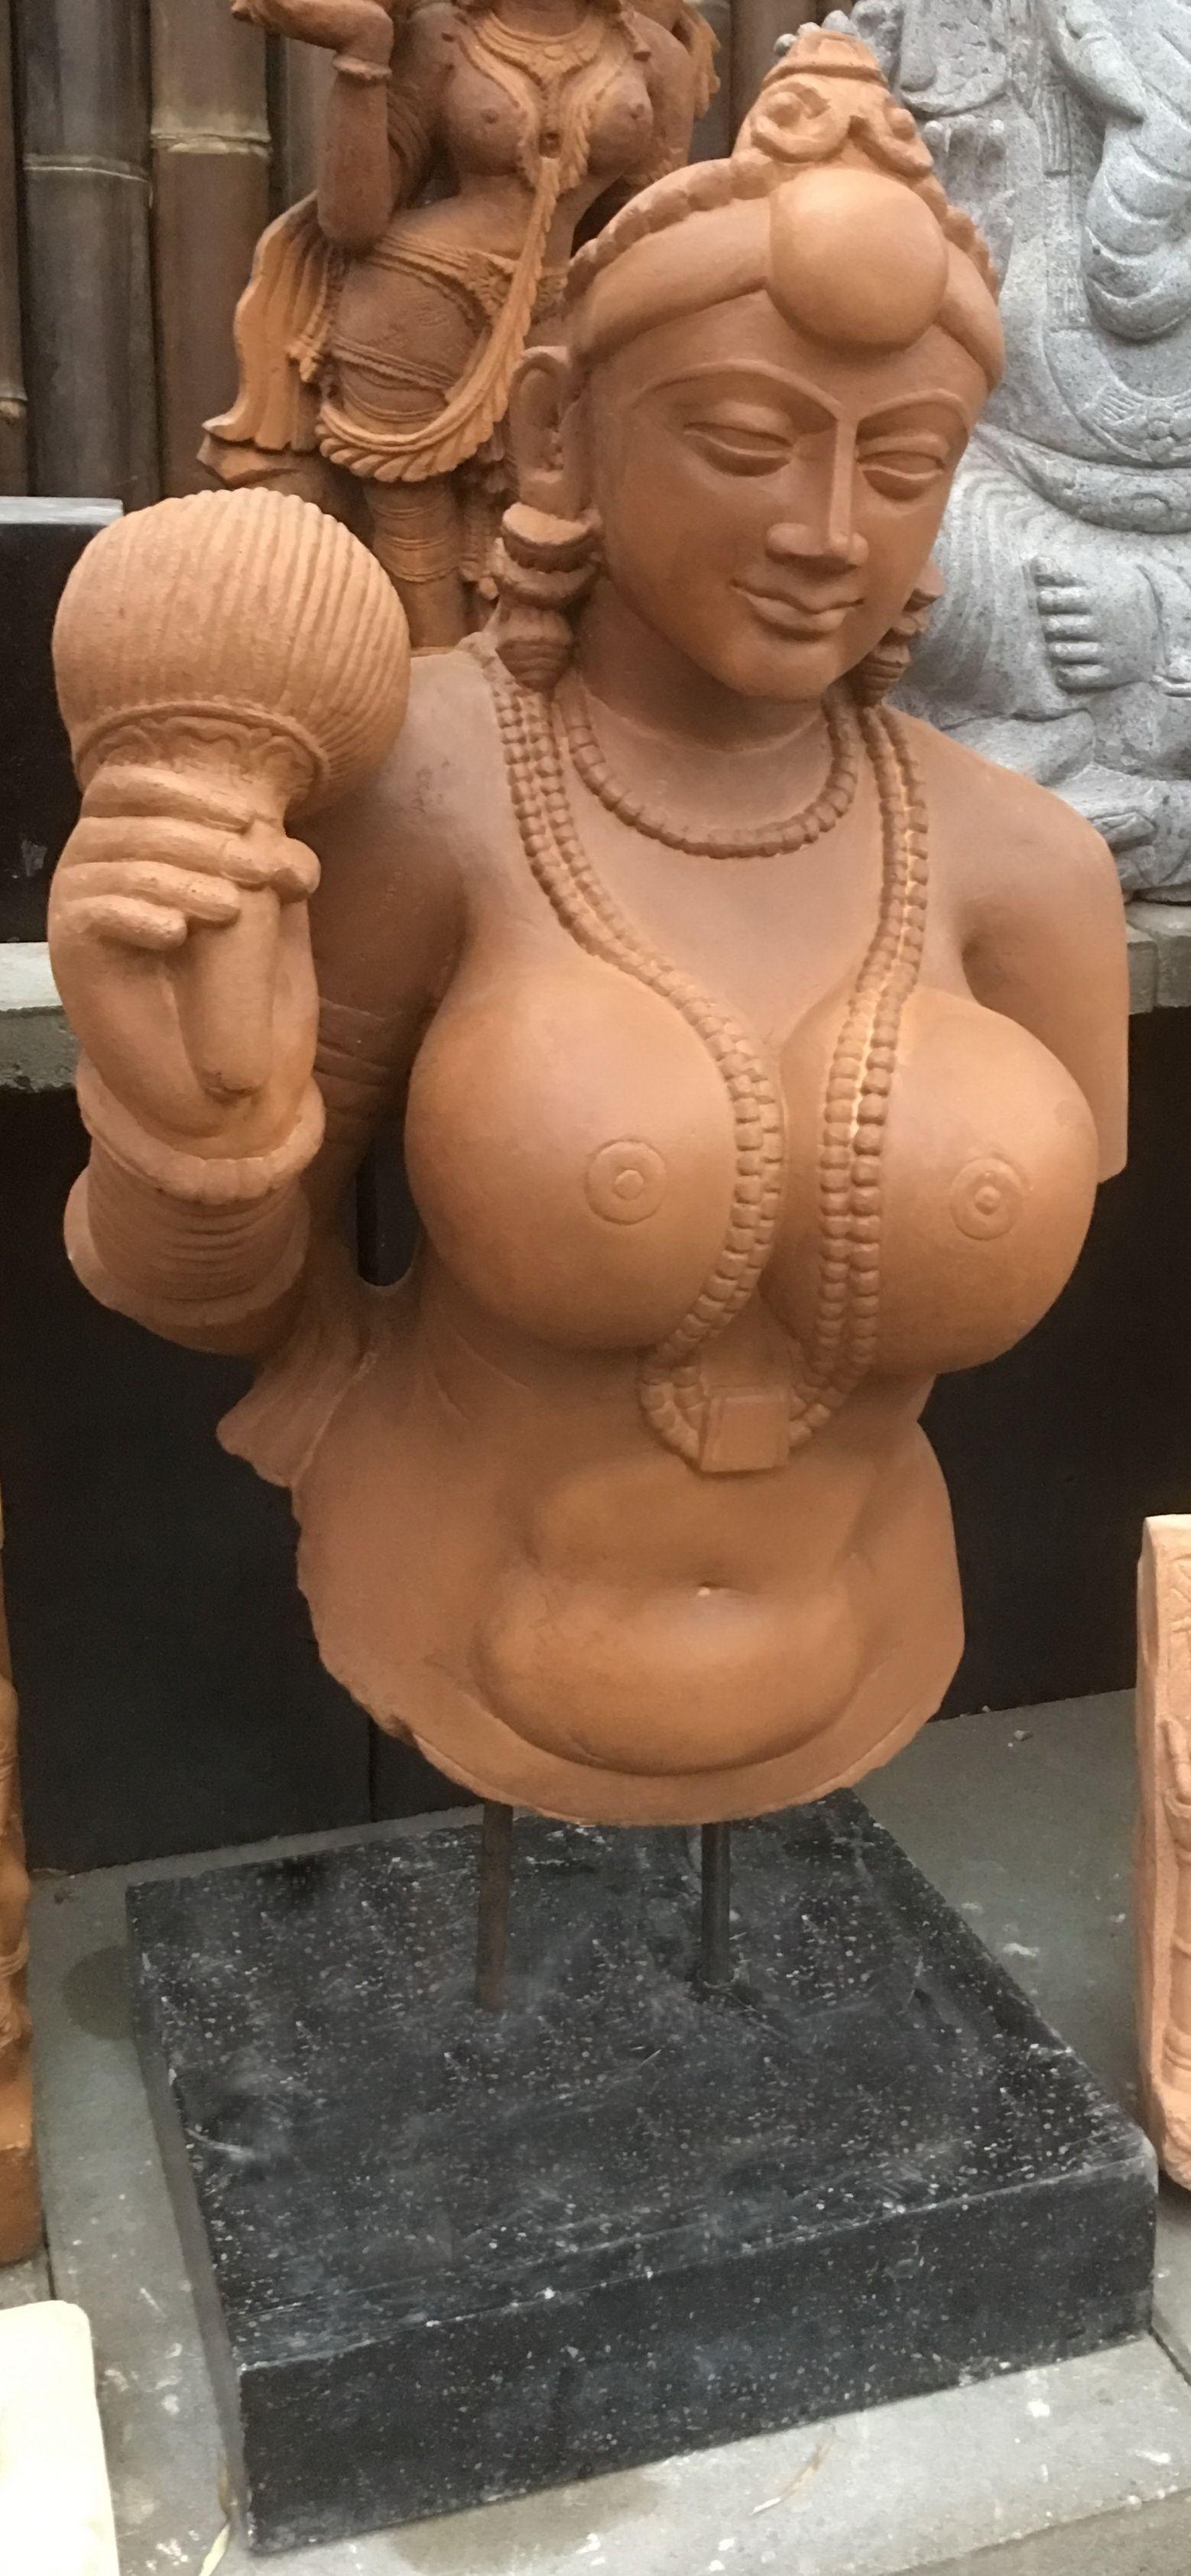 Diese  tolle  Maurya - Skulptur ist die Yakshi Figur aus Didarganj, Patna. Dies ist eine große, gut gebildete, gut proportionierte, freistehende Skulptur aus Sandstein mit einer polierten Oberfläche, die die Raffinesse des Steinkunstbildhauers in der damaligen buddhistischen  Blütezeit in Nordindien verdeutlicht.